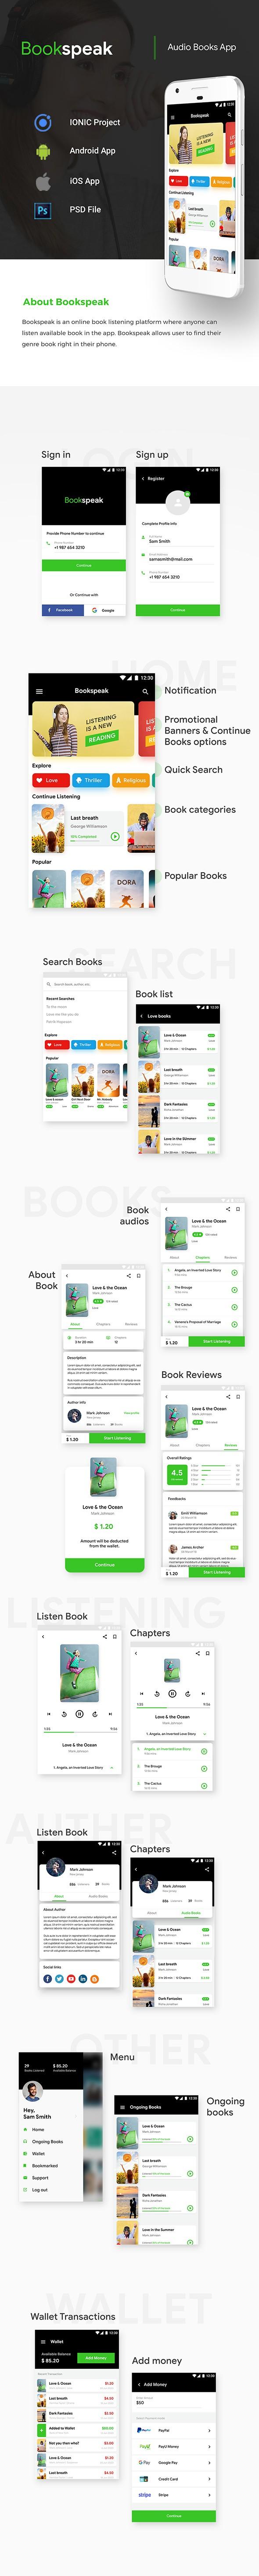 Audio Book Android App + iOS App Template | Bookspeak (HTML+CSS